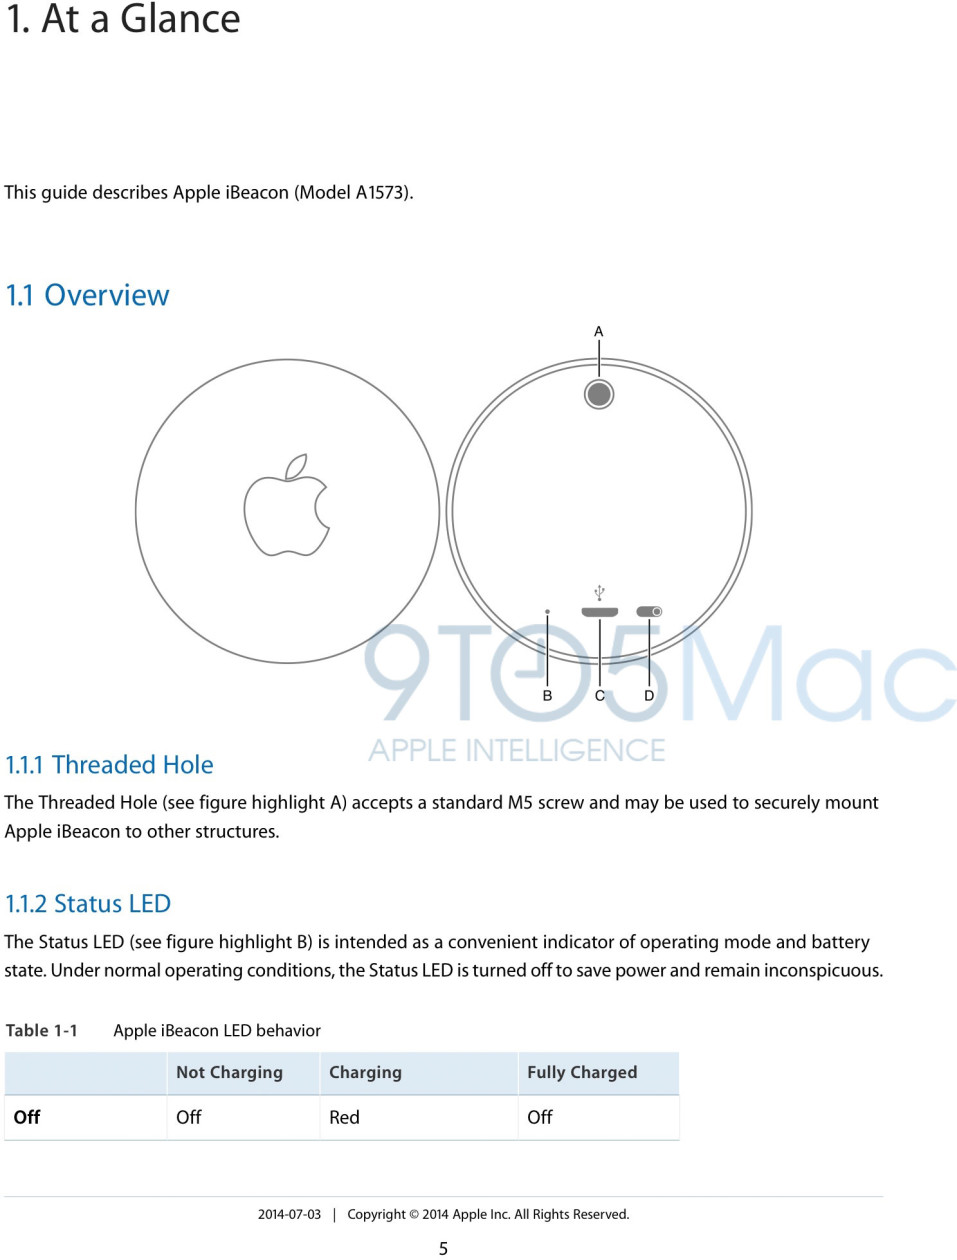 Manual do hardware de iBeacon da Apple